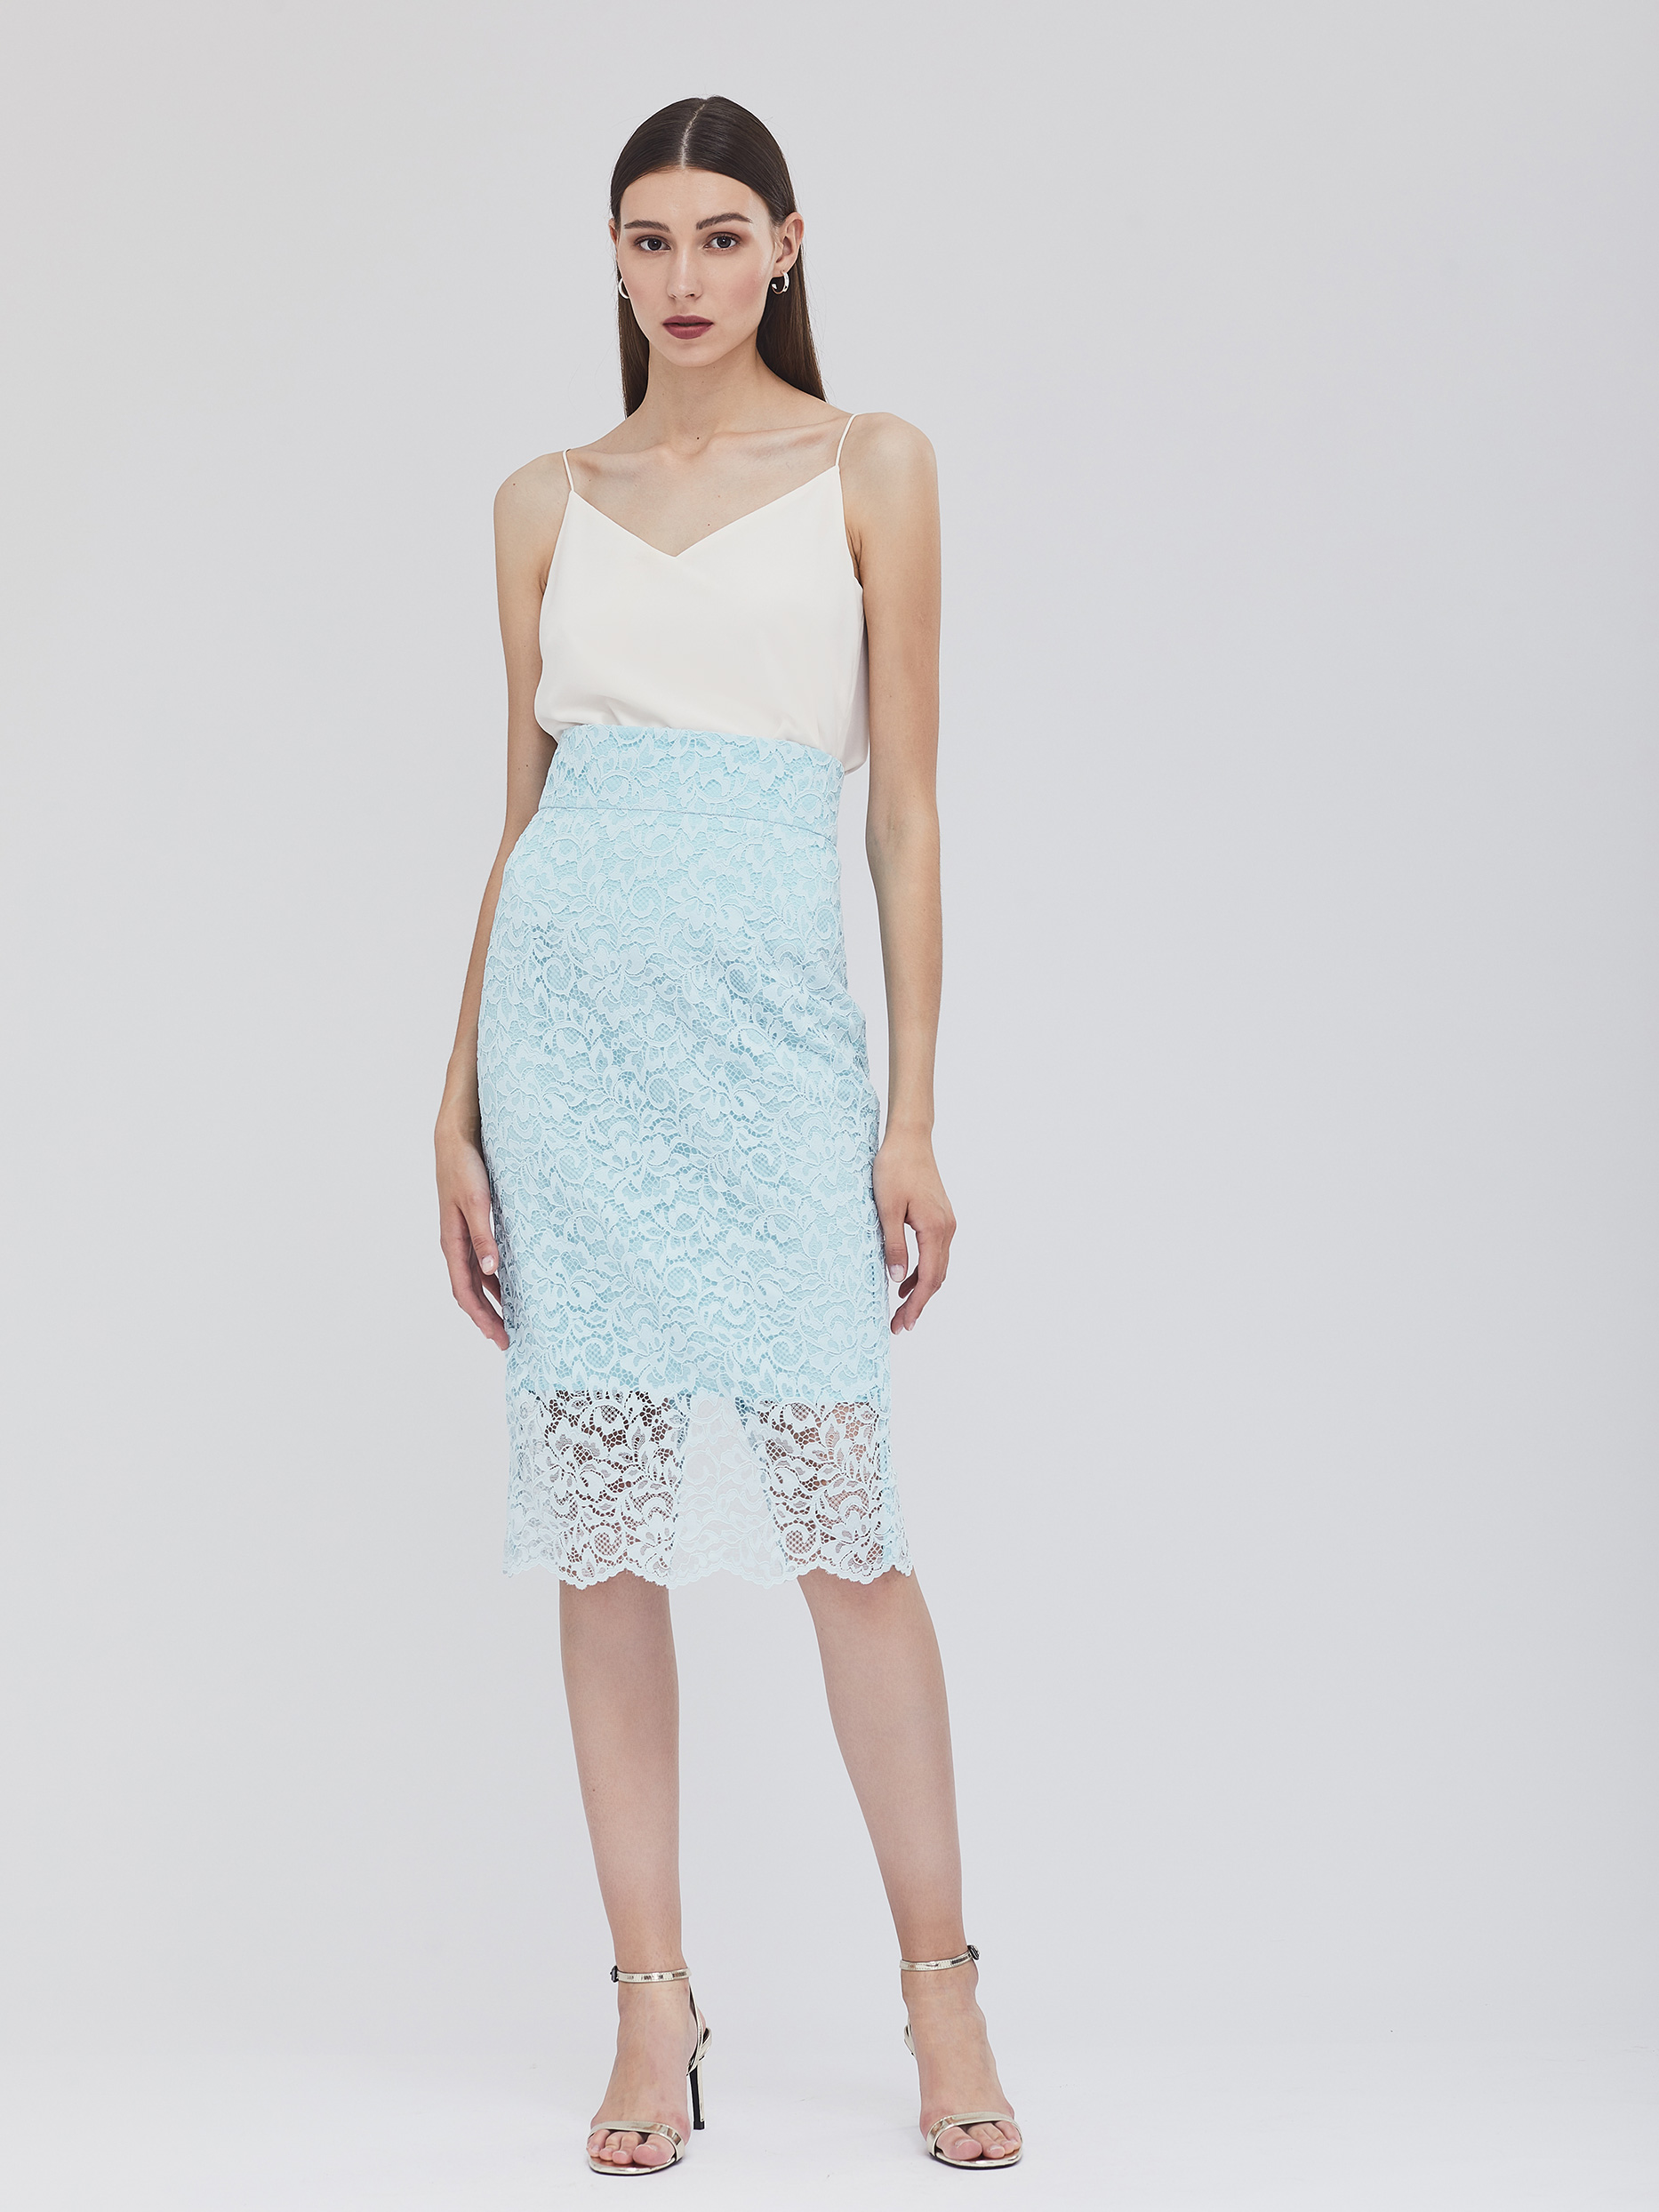 Кружевная юбка с разрезом сзади